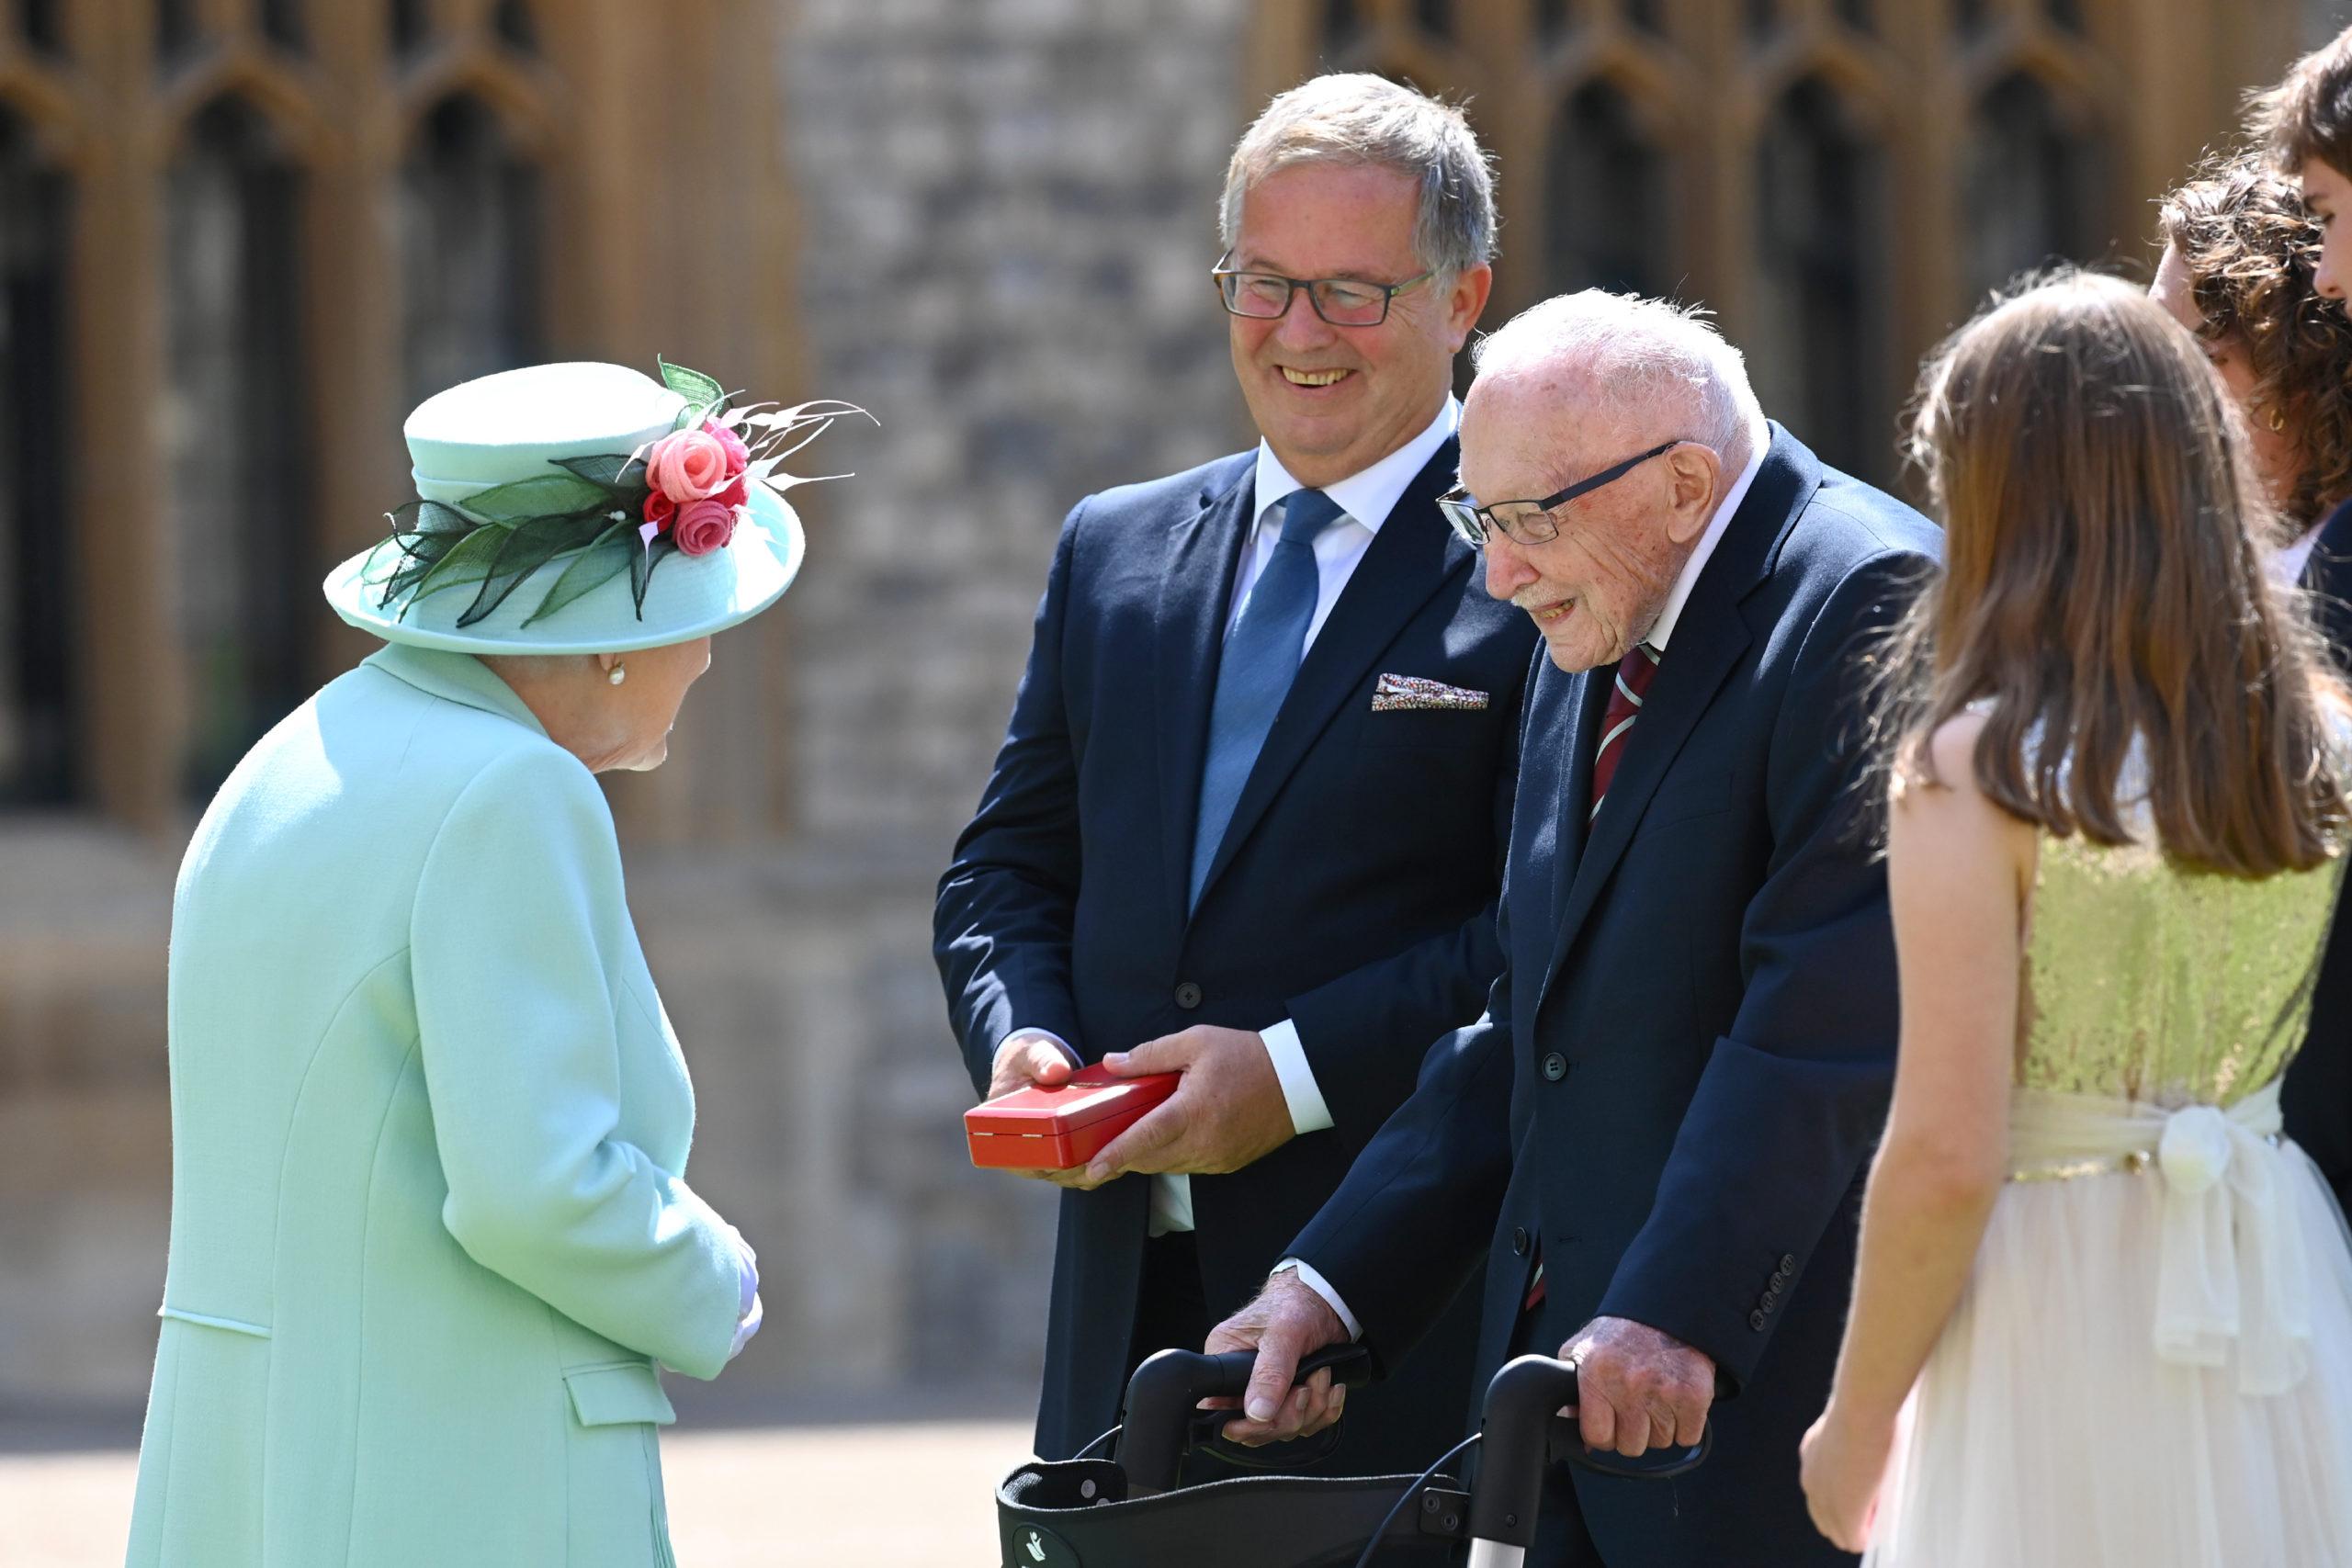 Sir Tom Moore receiving his knighthood